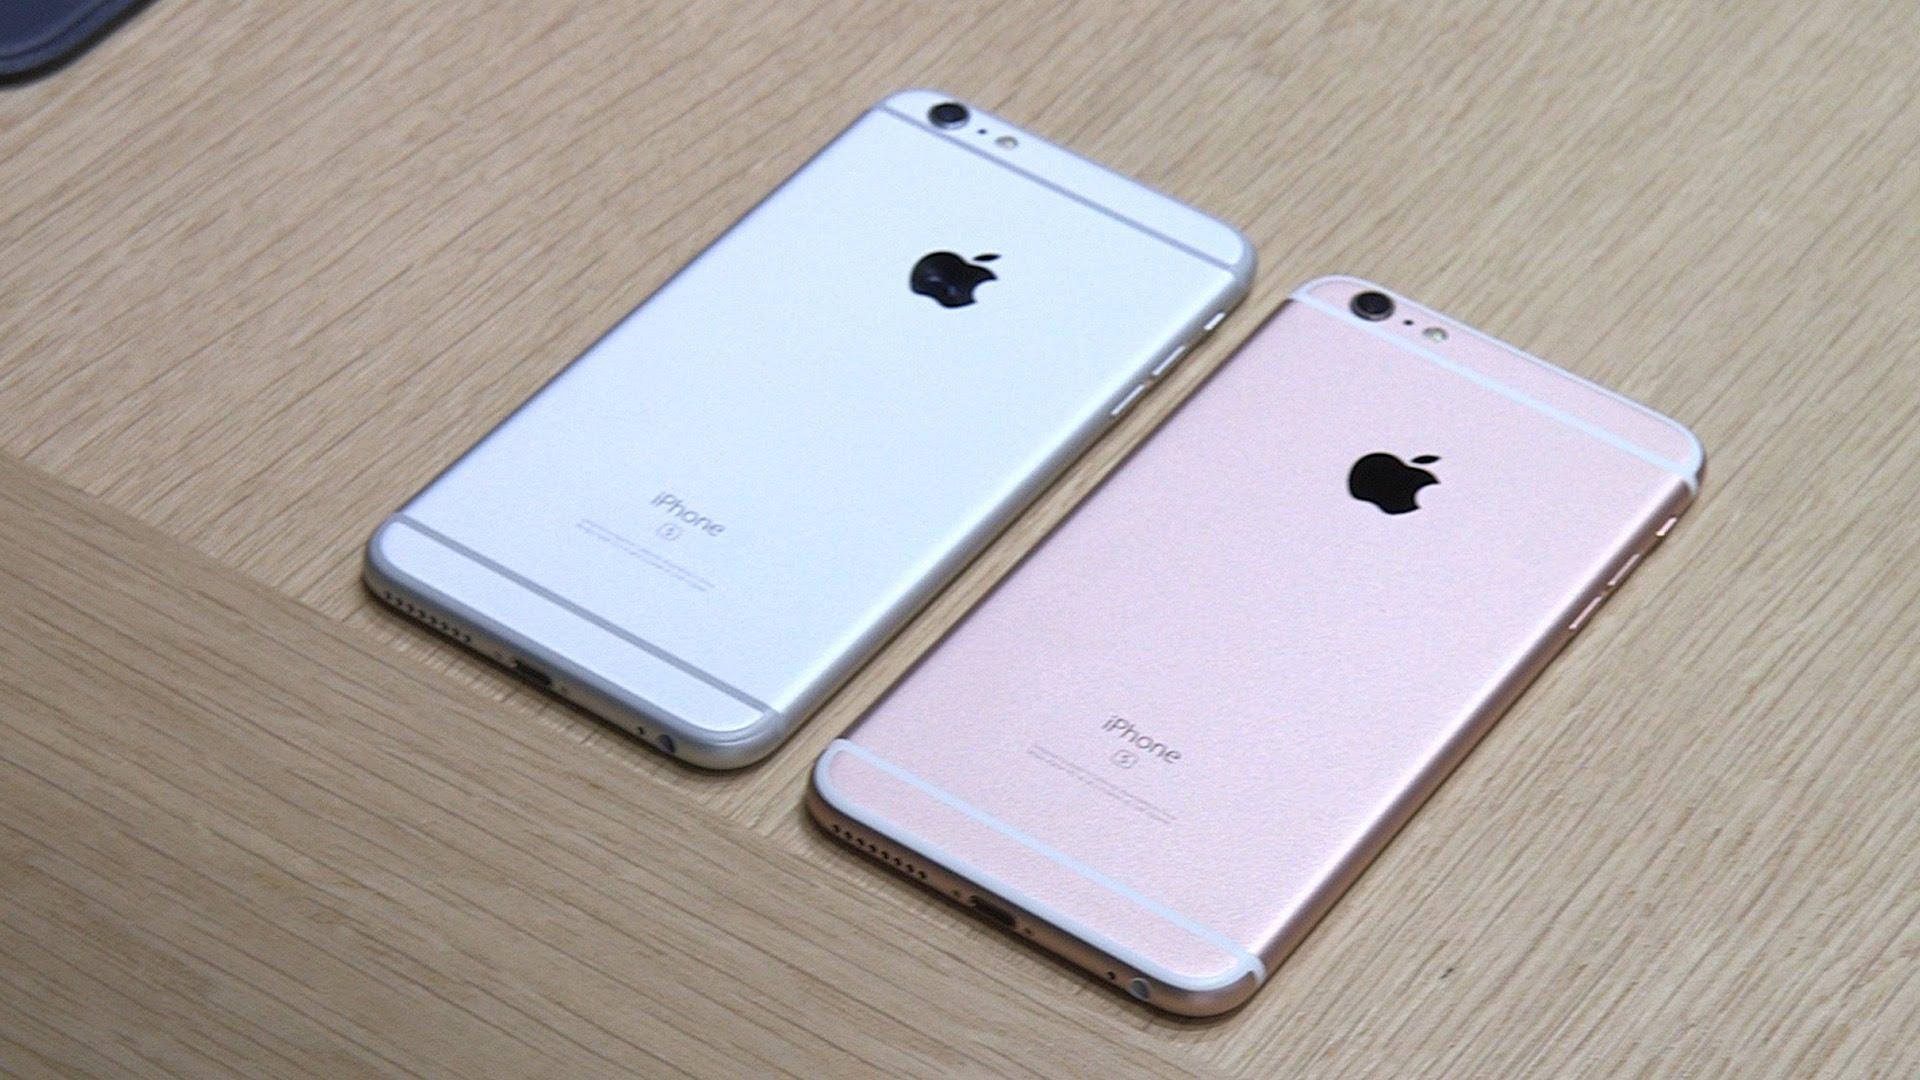 Как работает iPhone Upgrade Program — модель покупки iPhone по подписке